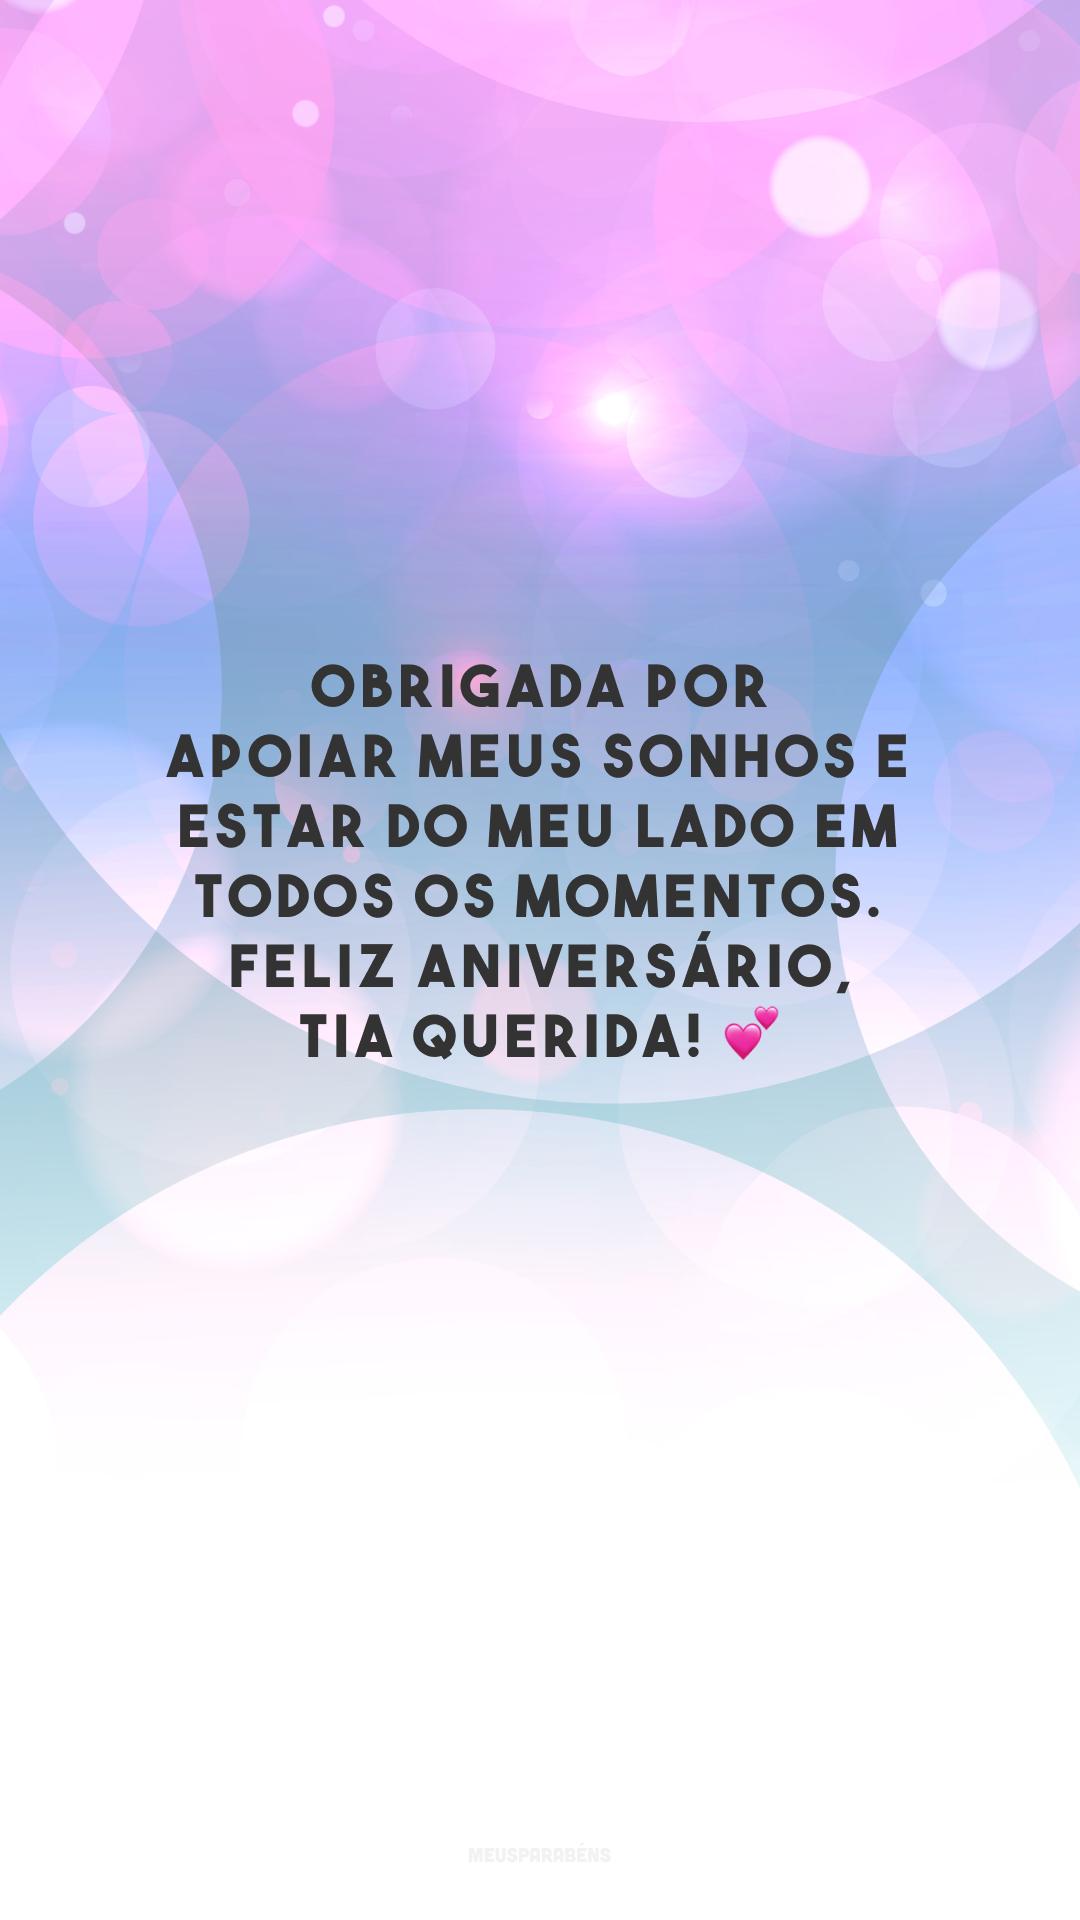 Obrigada por apoiar meus sonhos e estar do meu lado em todos os momentos. Feliz aniversário, tia querida! 💕